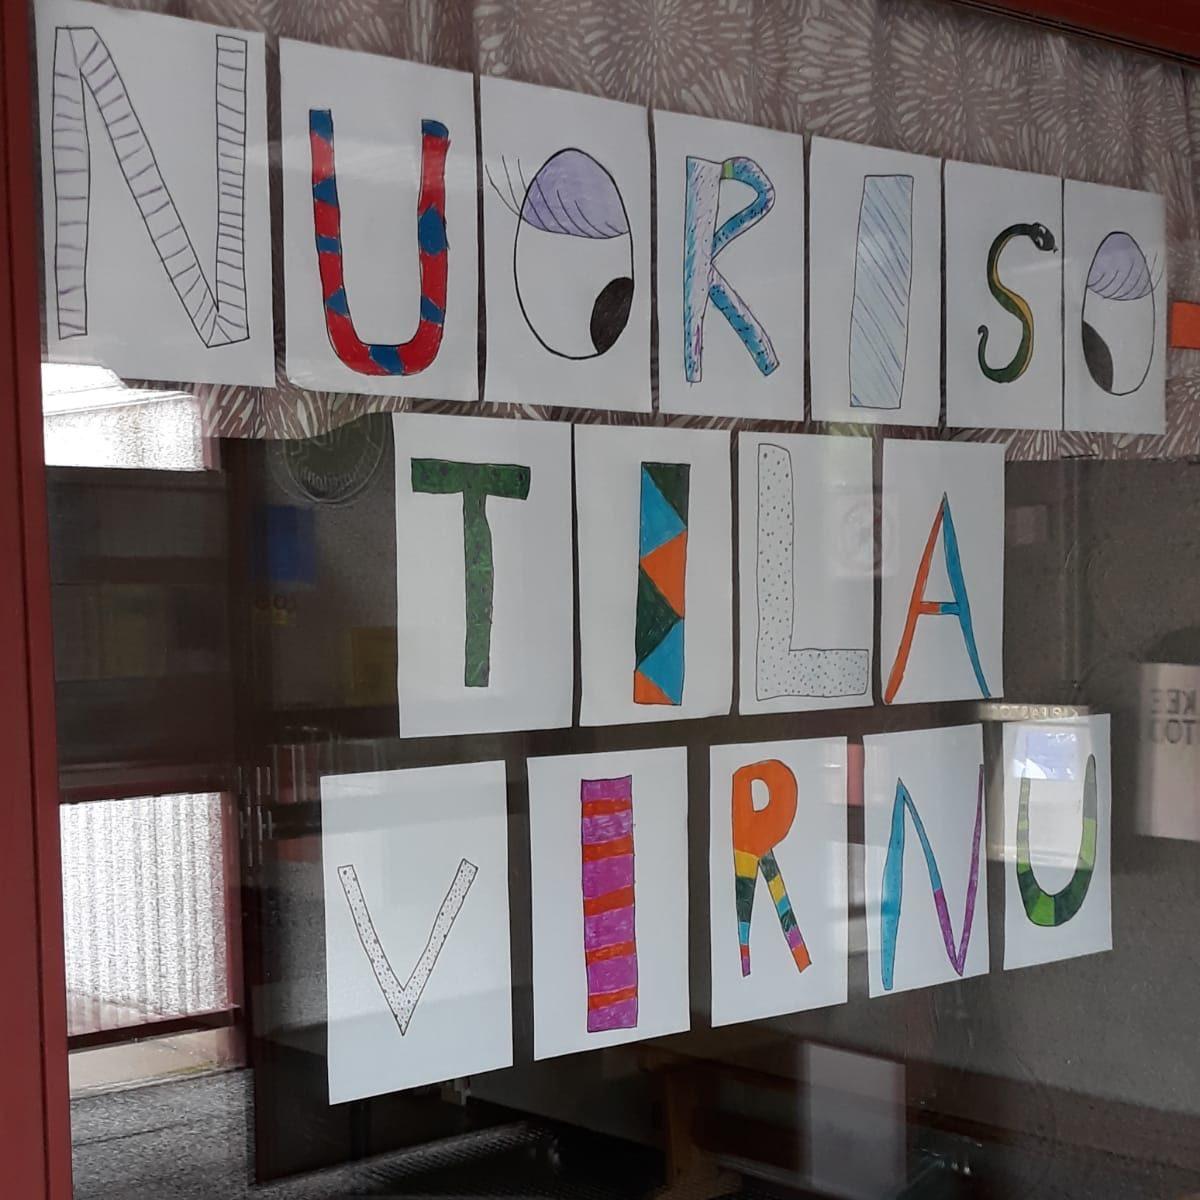 """Nuorisotila Virnun ikkuna. Lapset piirtäneet erilaisilla väreillä kirjain kirjaimelta kyltin """"Nuorisotila Virnu""""."""